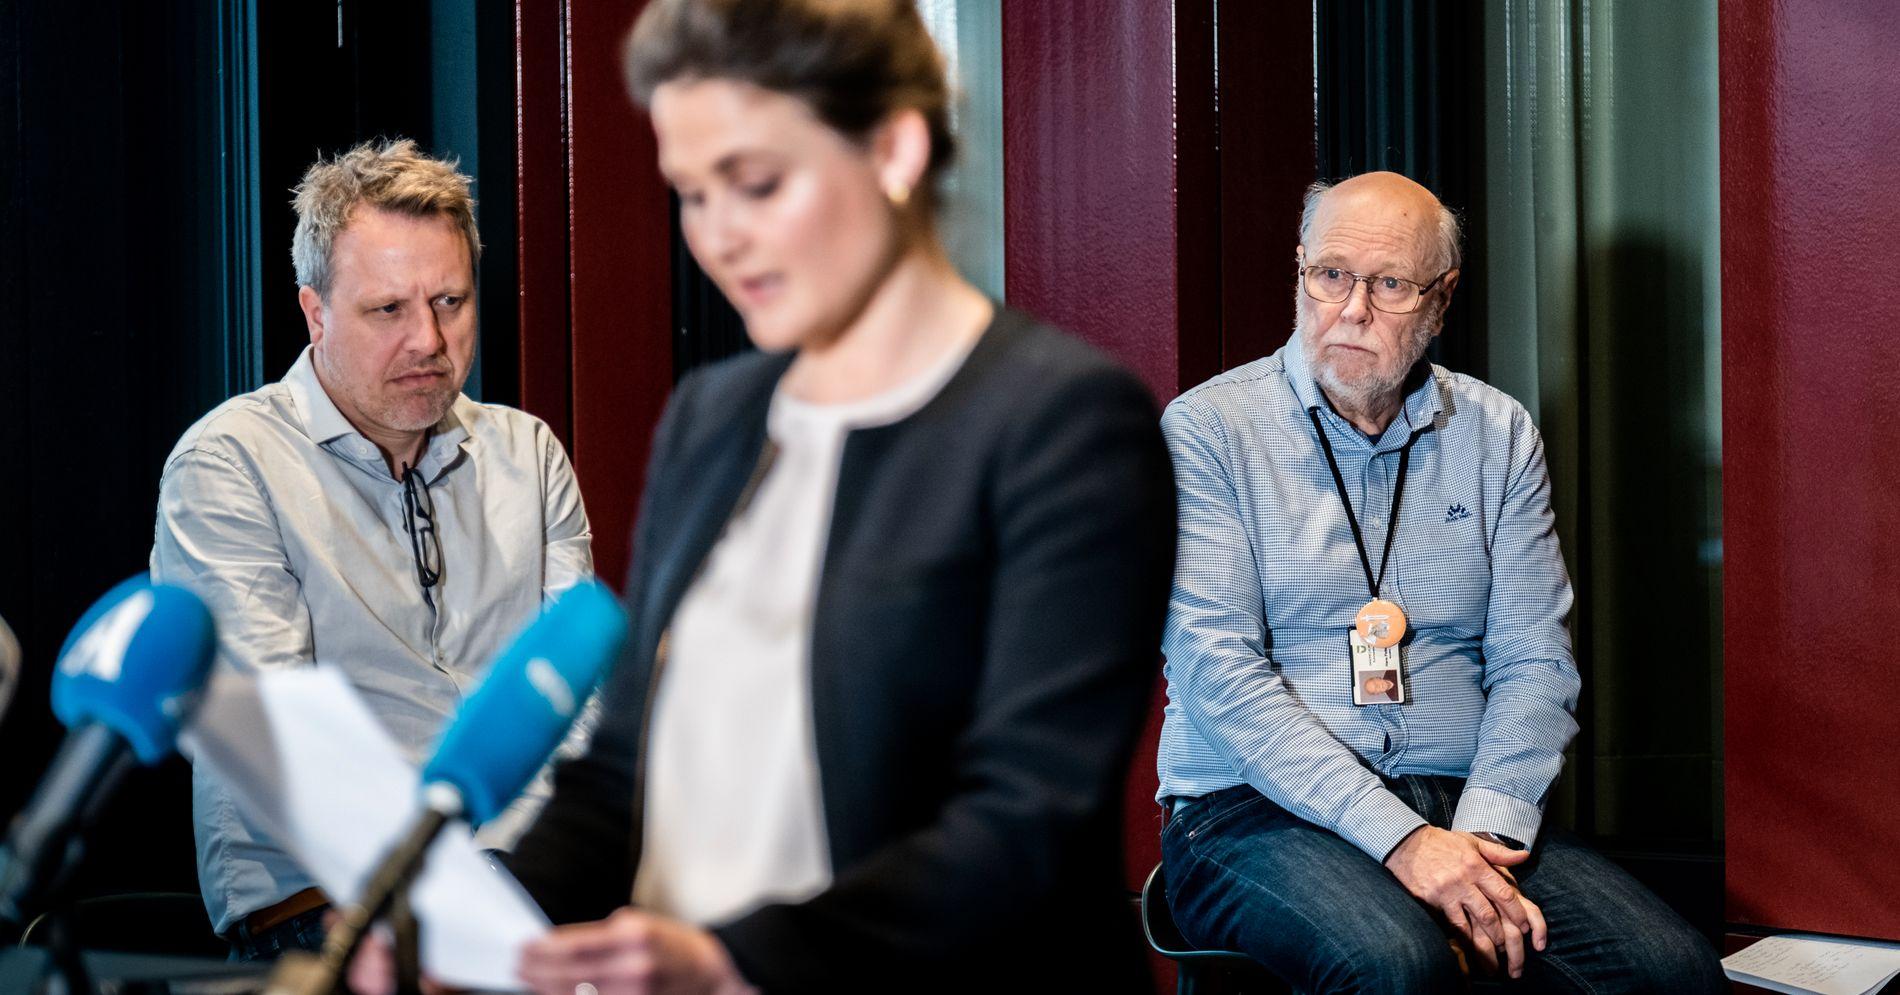 www.aftenbladet.no